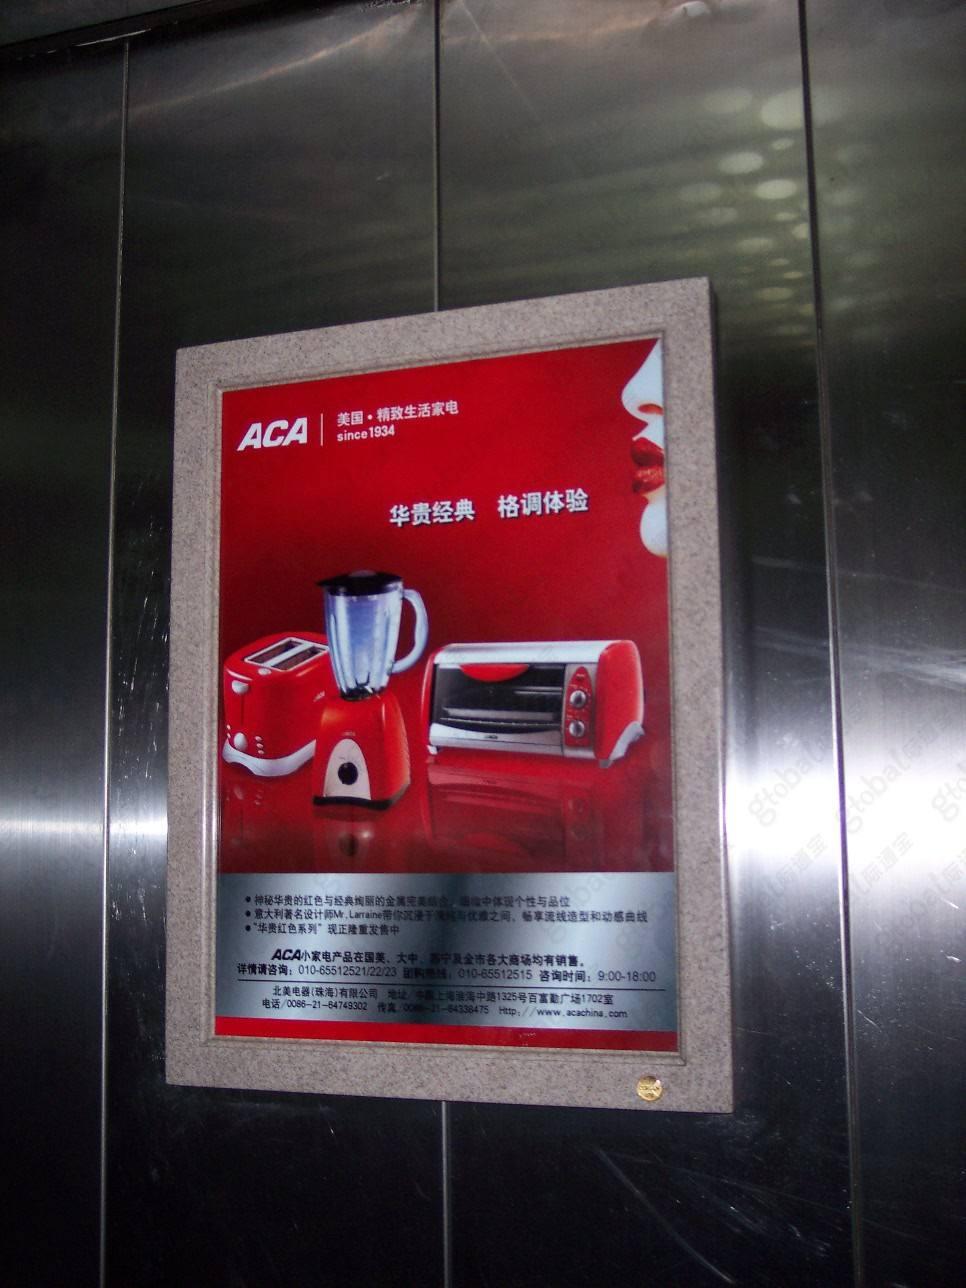 长沙高端写字楼电梯微信直播的红包怎么领取-分众资源低至2折